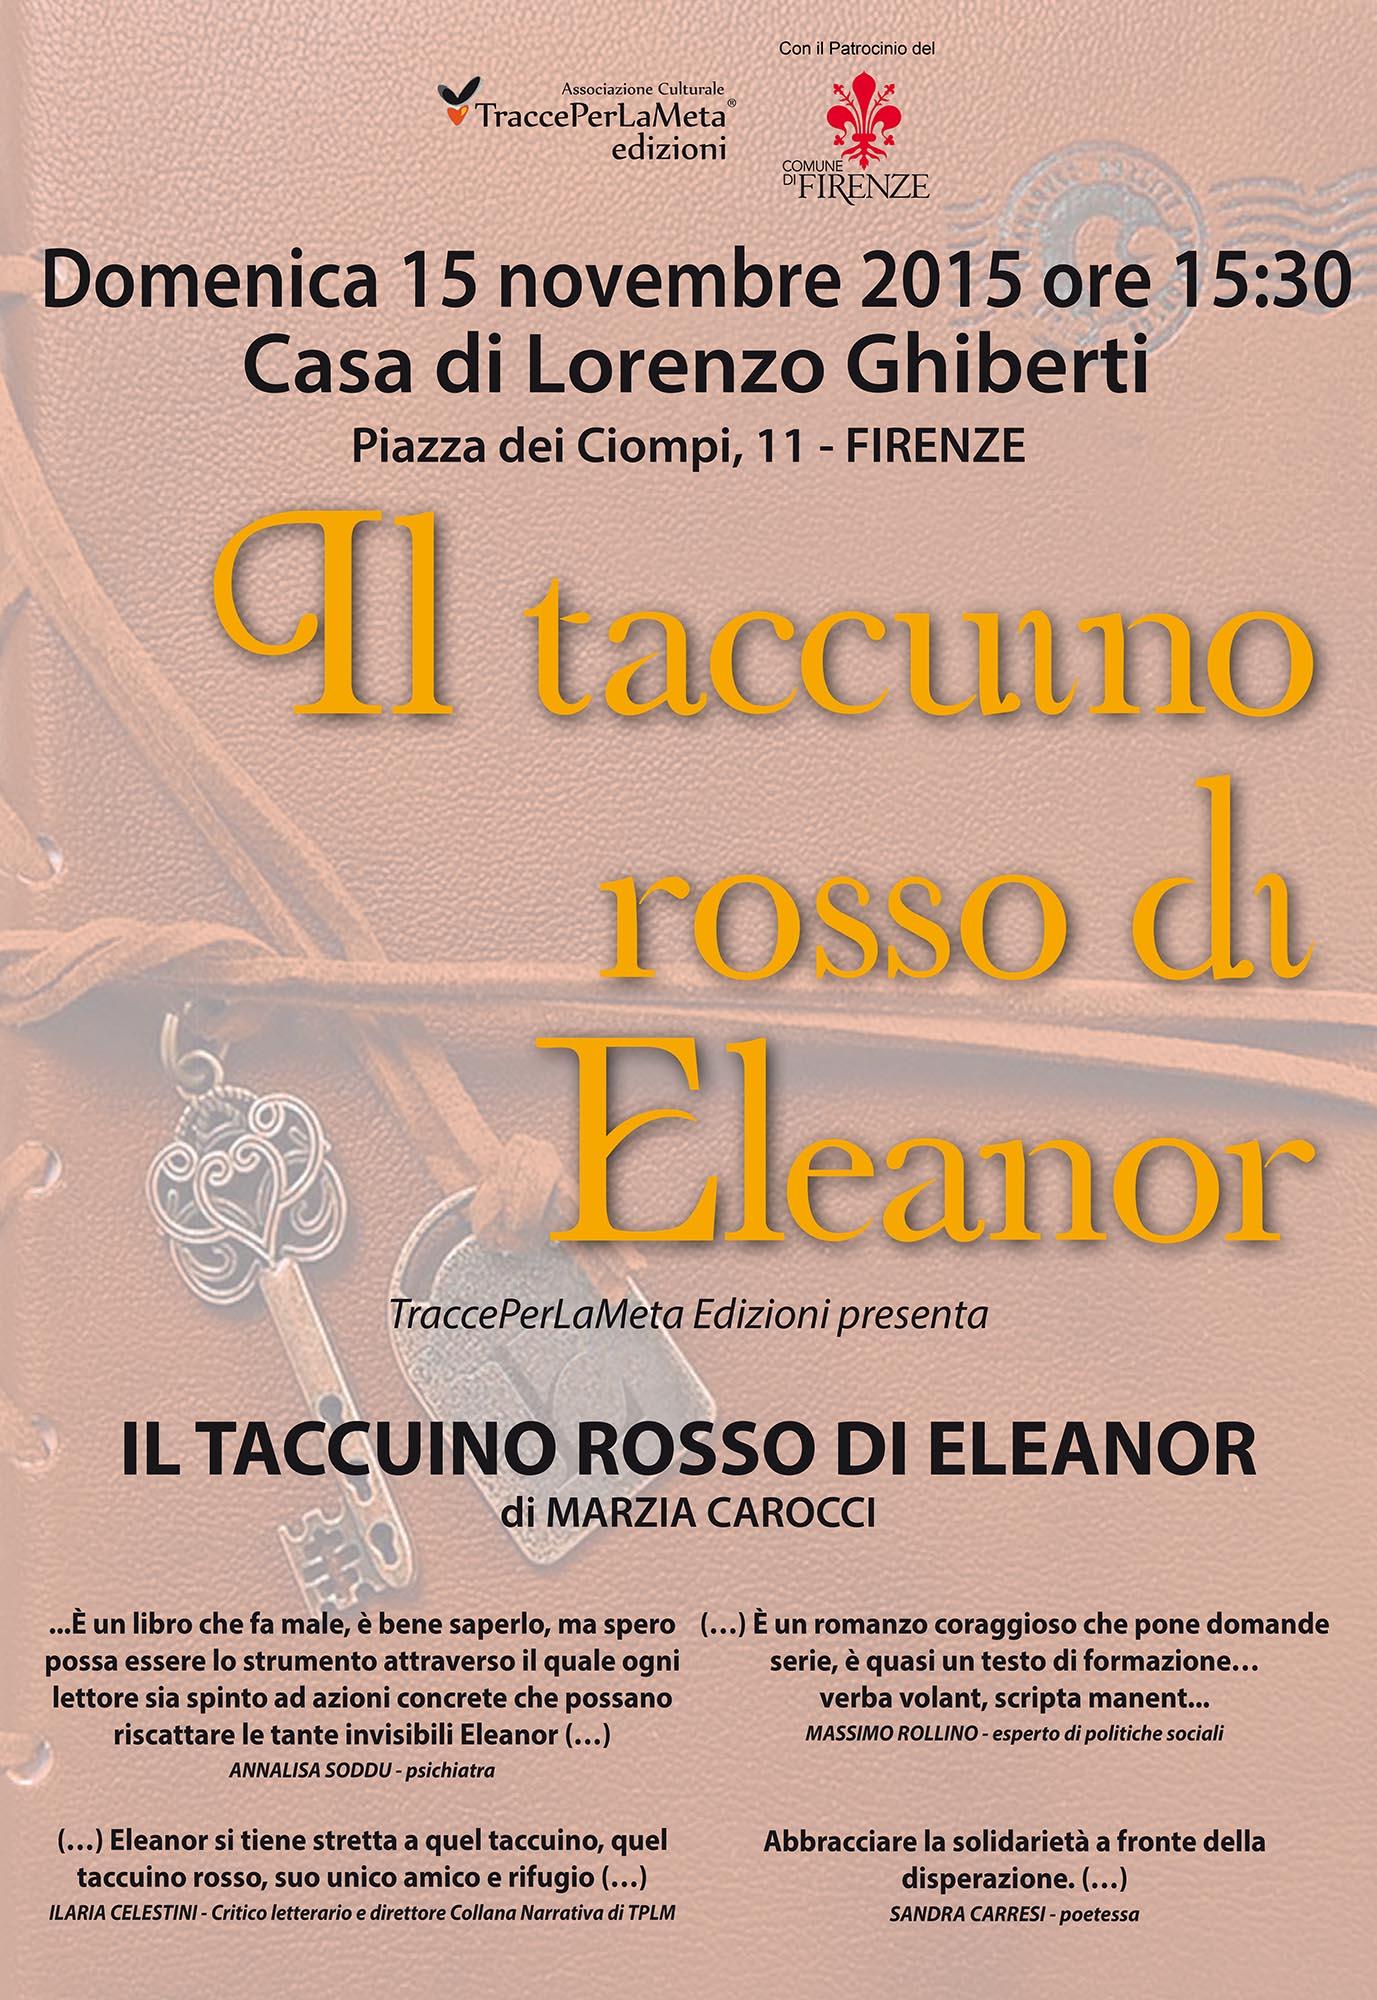 20151115_locandina_Taccuino-Comune di Firenze